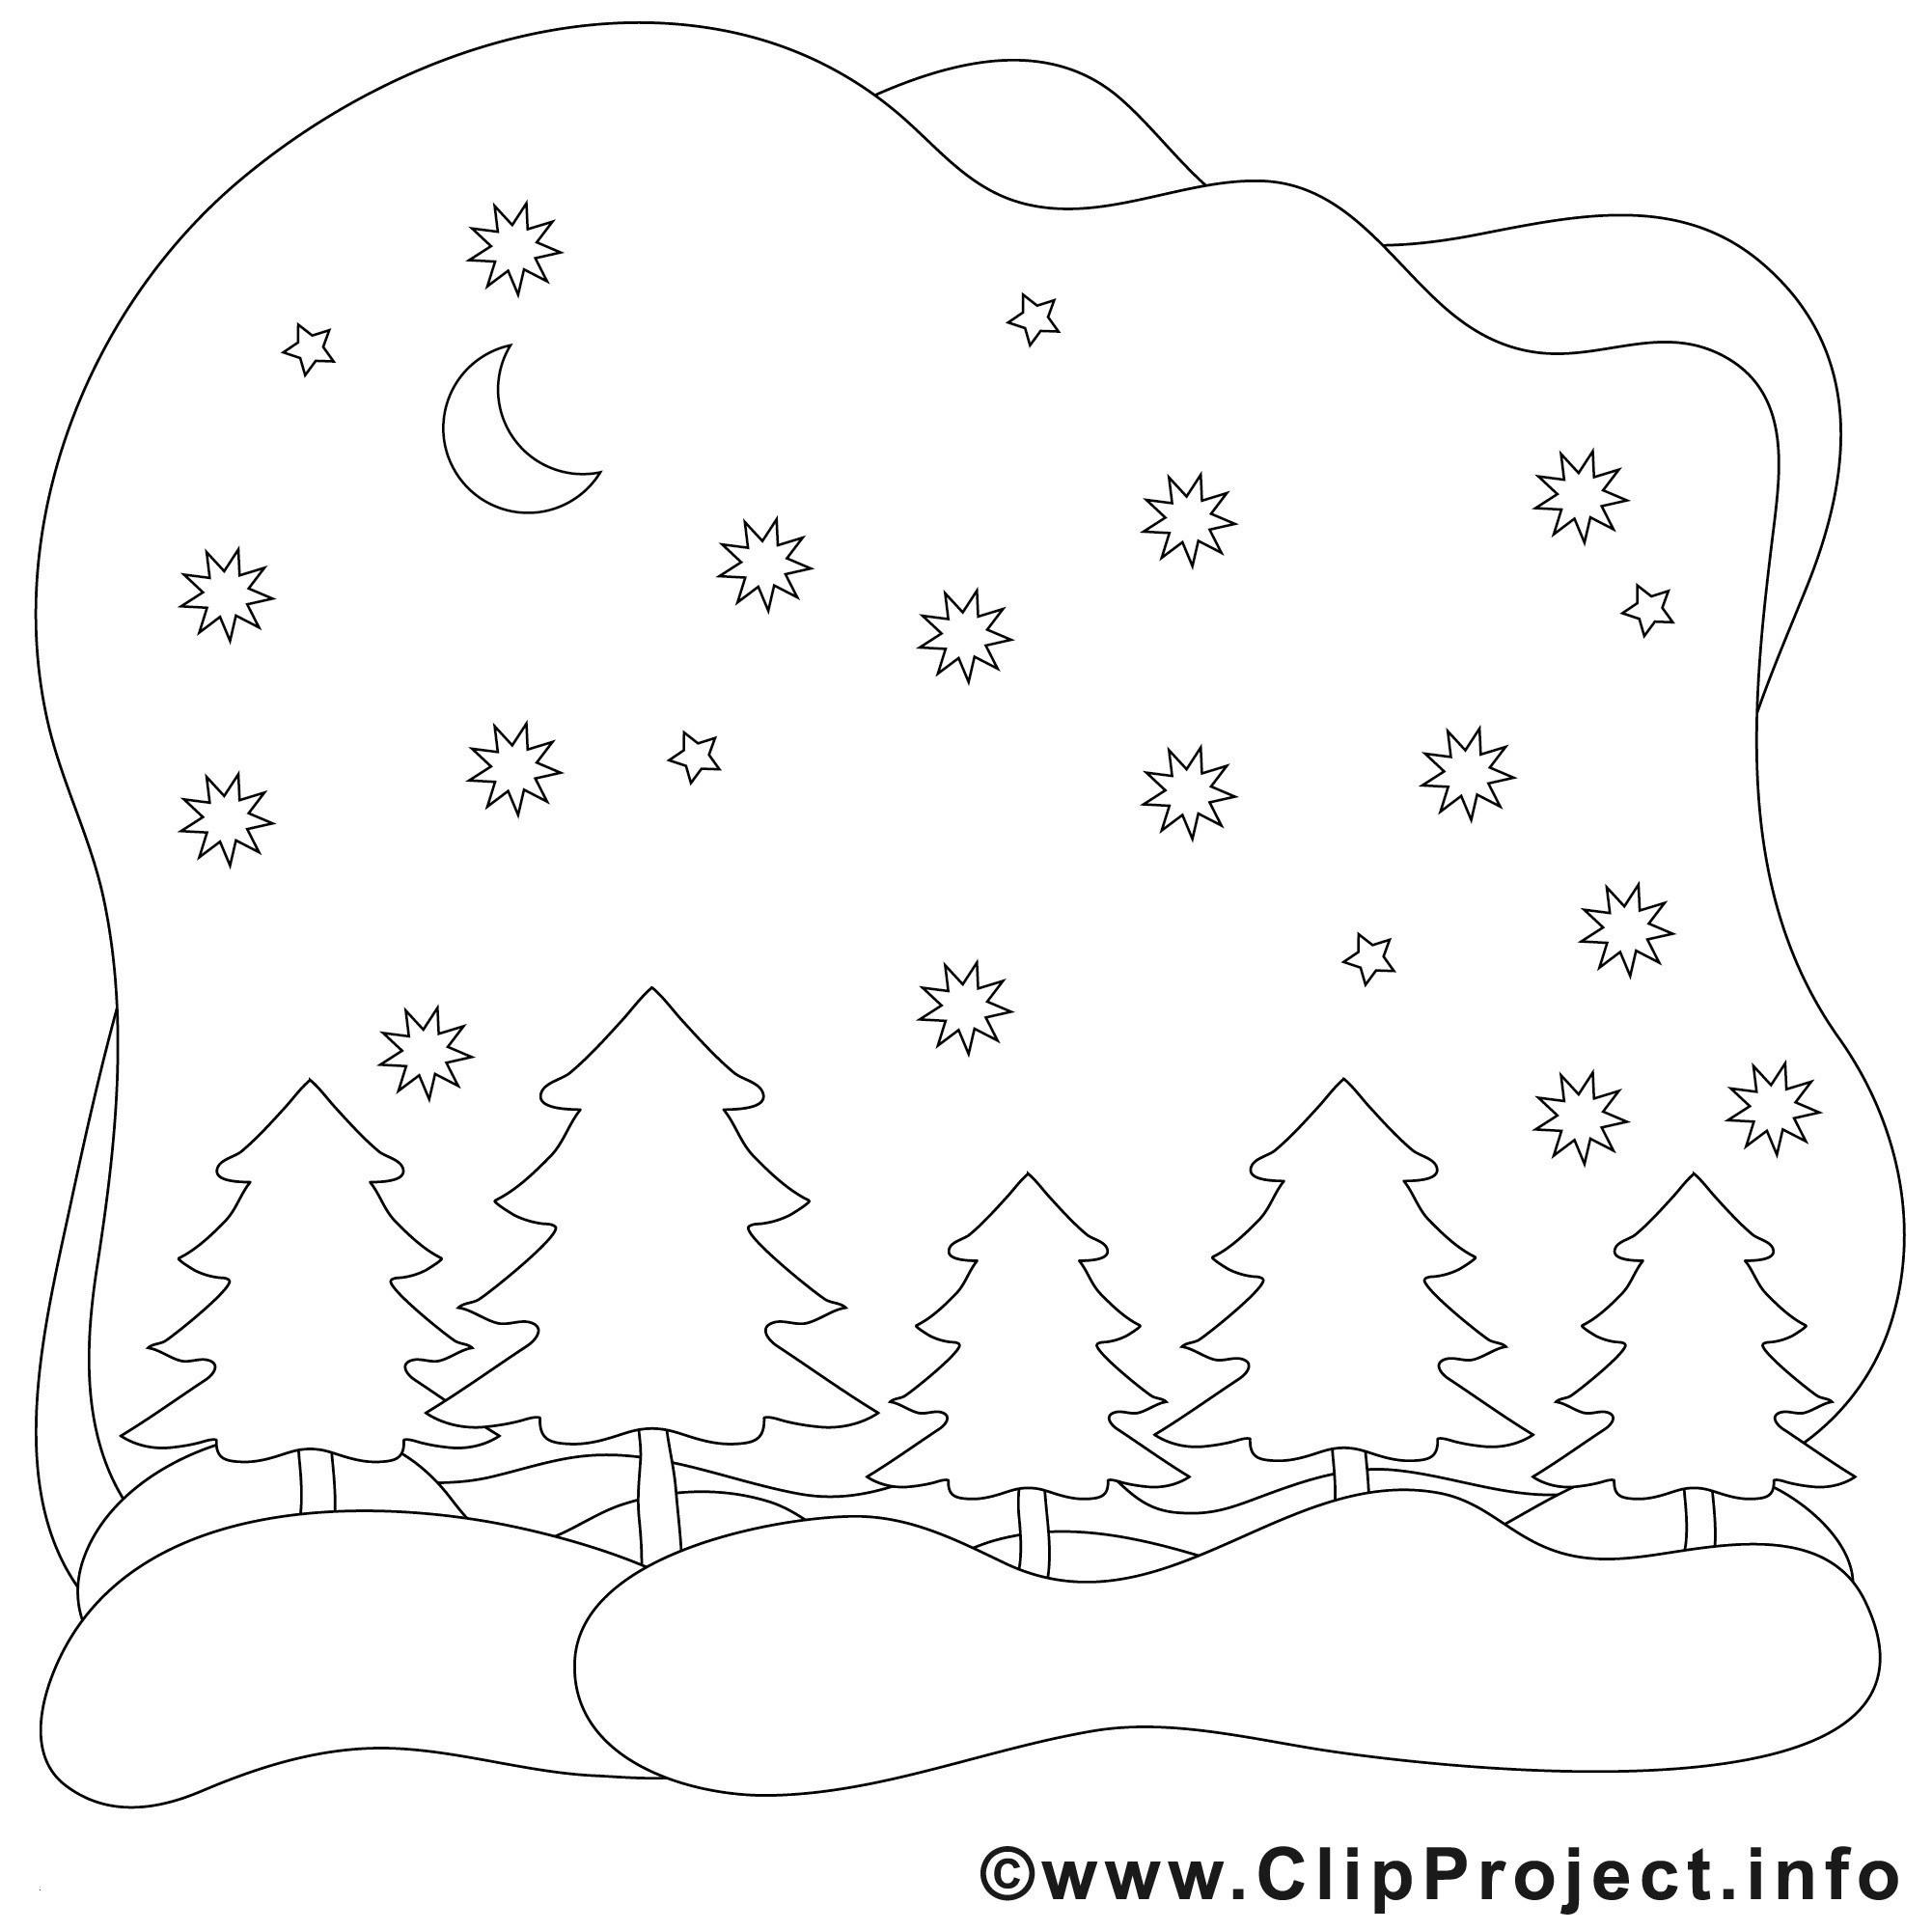 Ausmalbilder Kostenlos Minions Inspirierend 38 Ausmalbilder Winter Gratis Scoredatscore Genial Minions Bilder